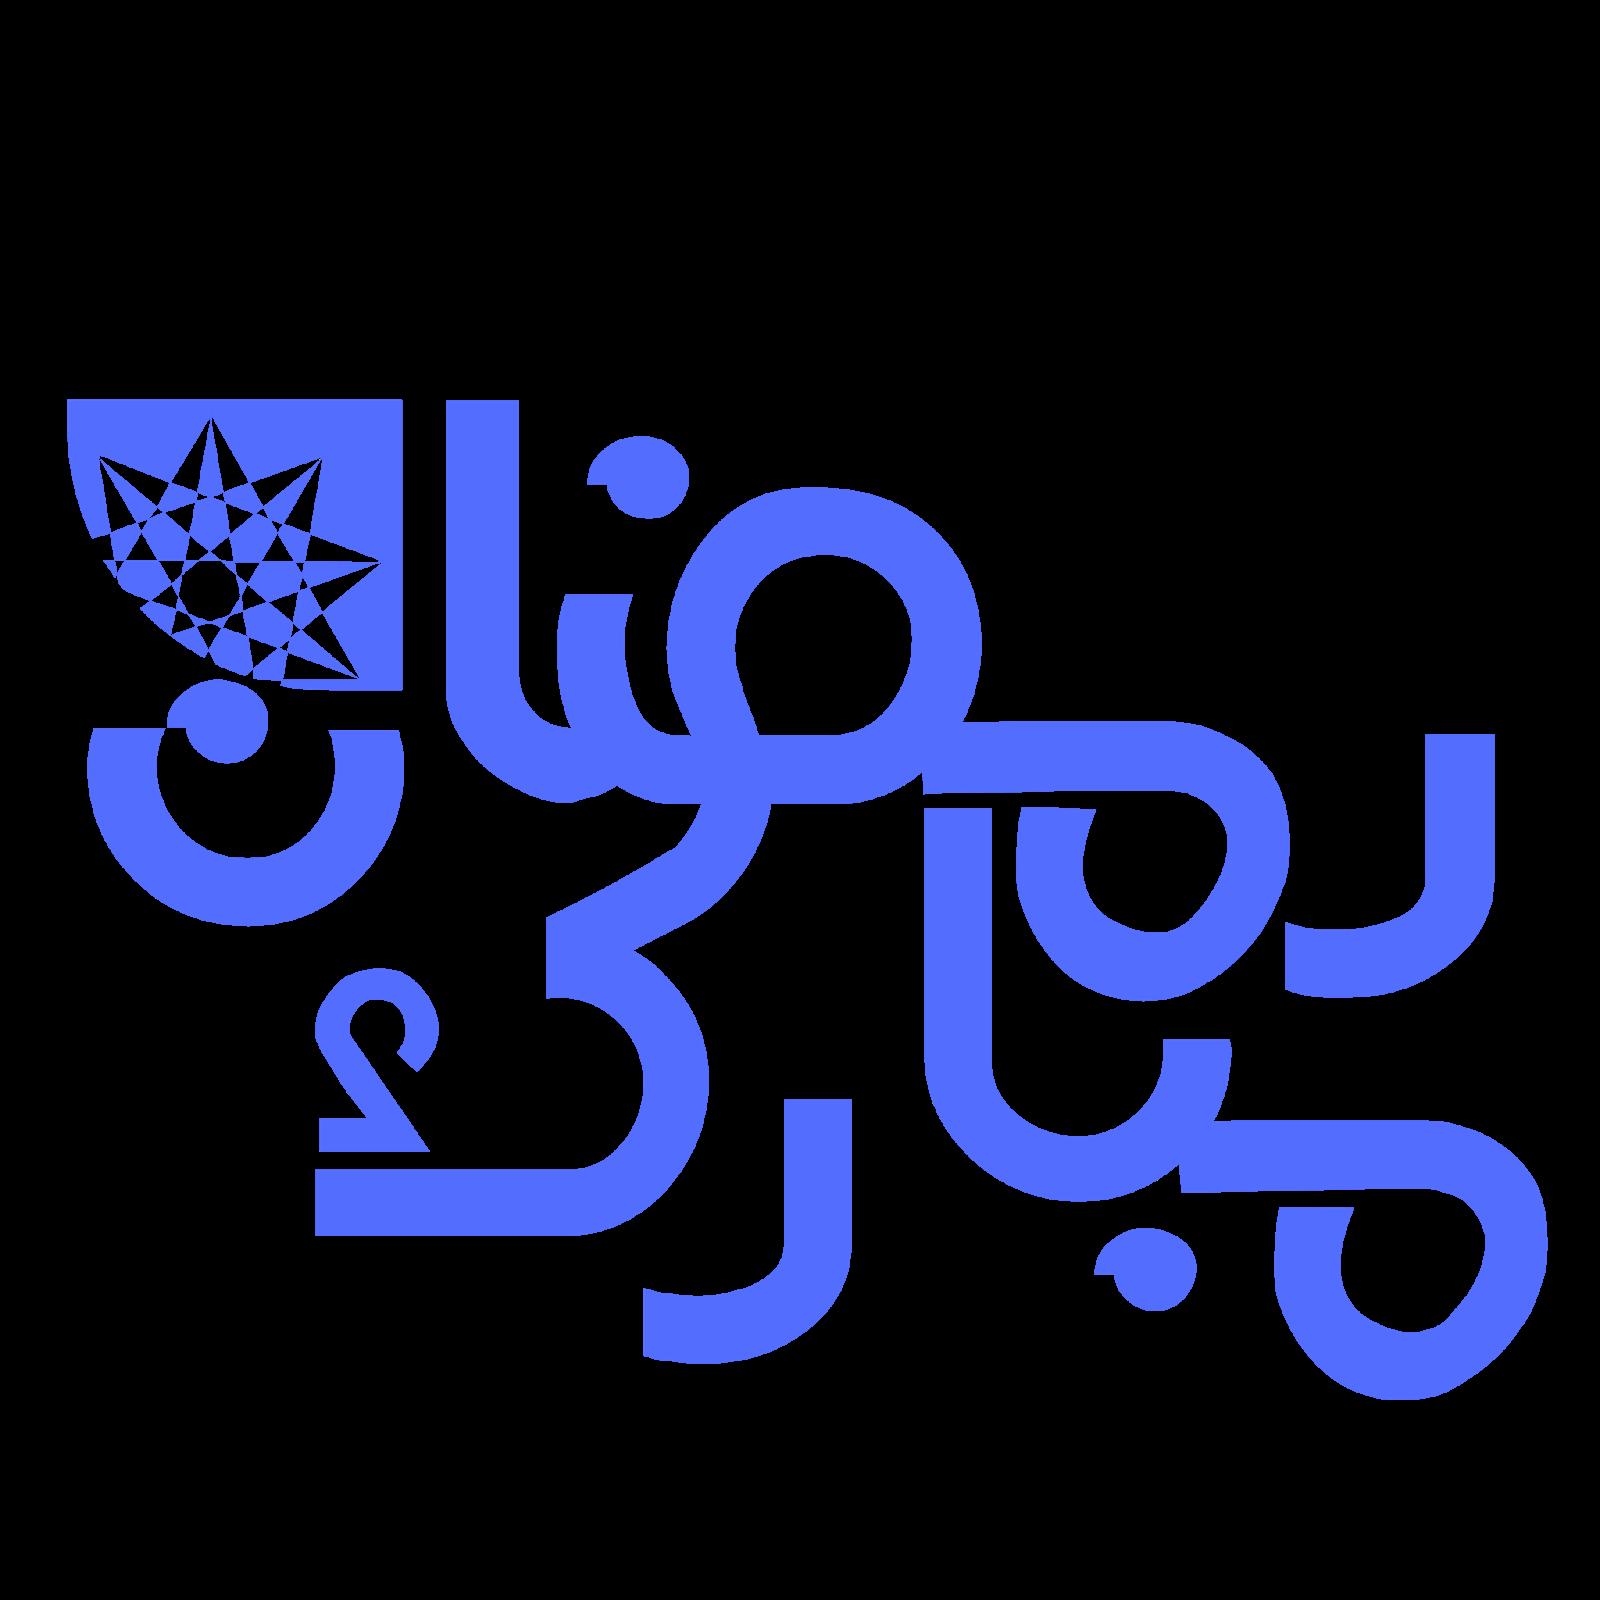 كلمة رمضان كريم شفافه